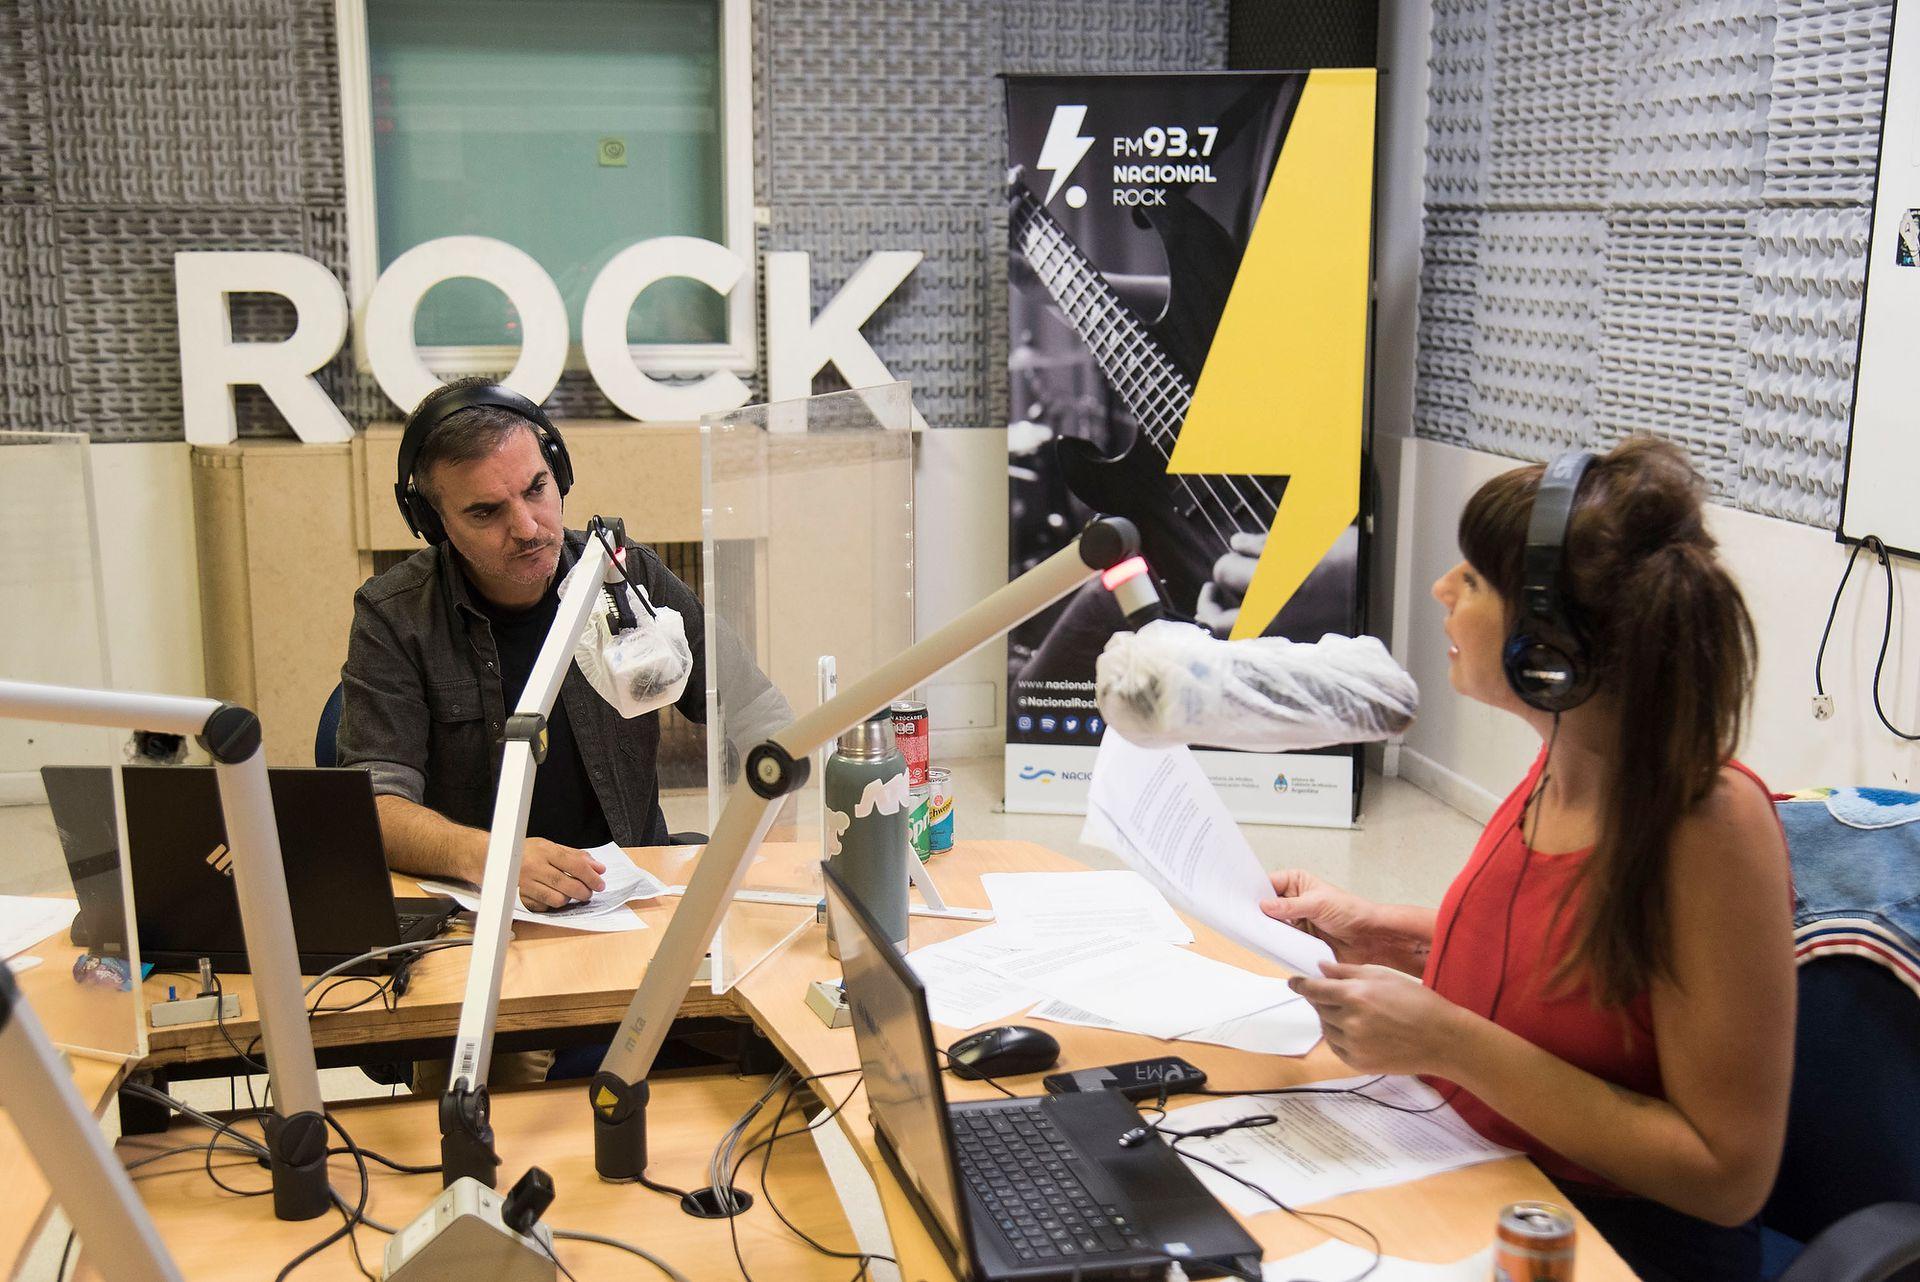 Diego Ripoll y Calu Bonfante en el estudio de Radio Nacional Rock